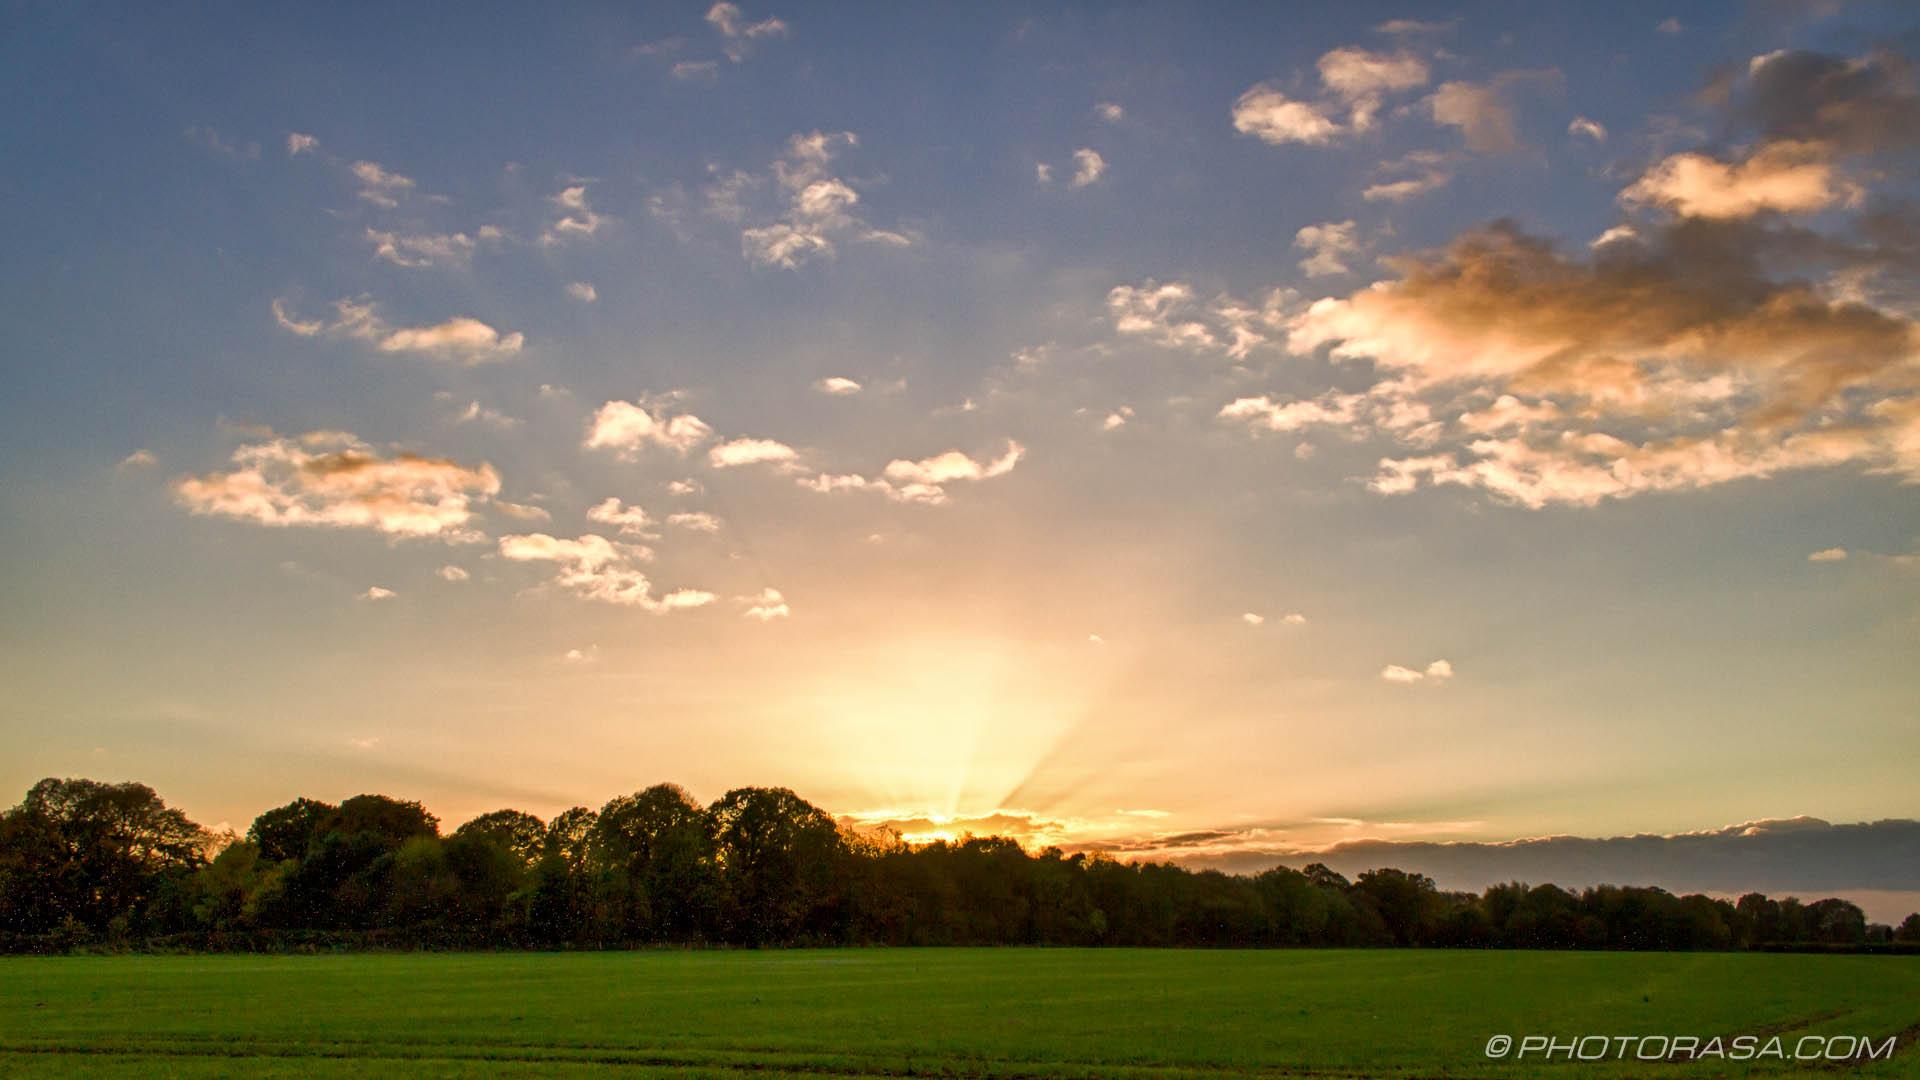 http://photorasa.com/november-evening-sky-farmers-fields/hd-sunset-over-field/